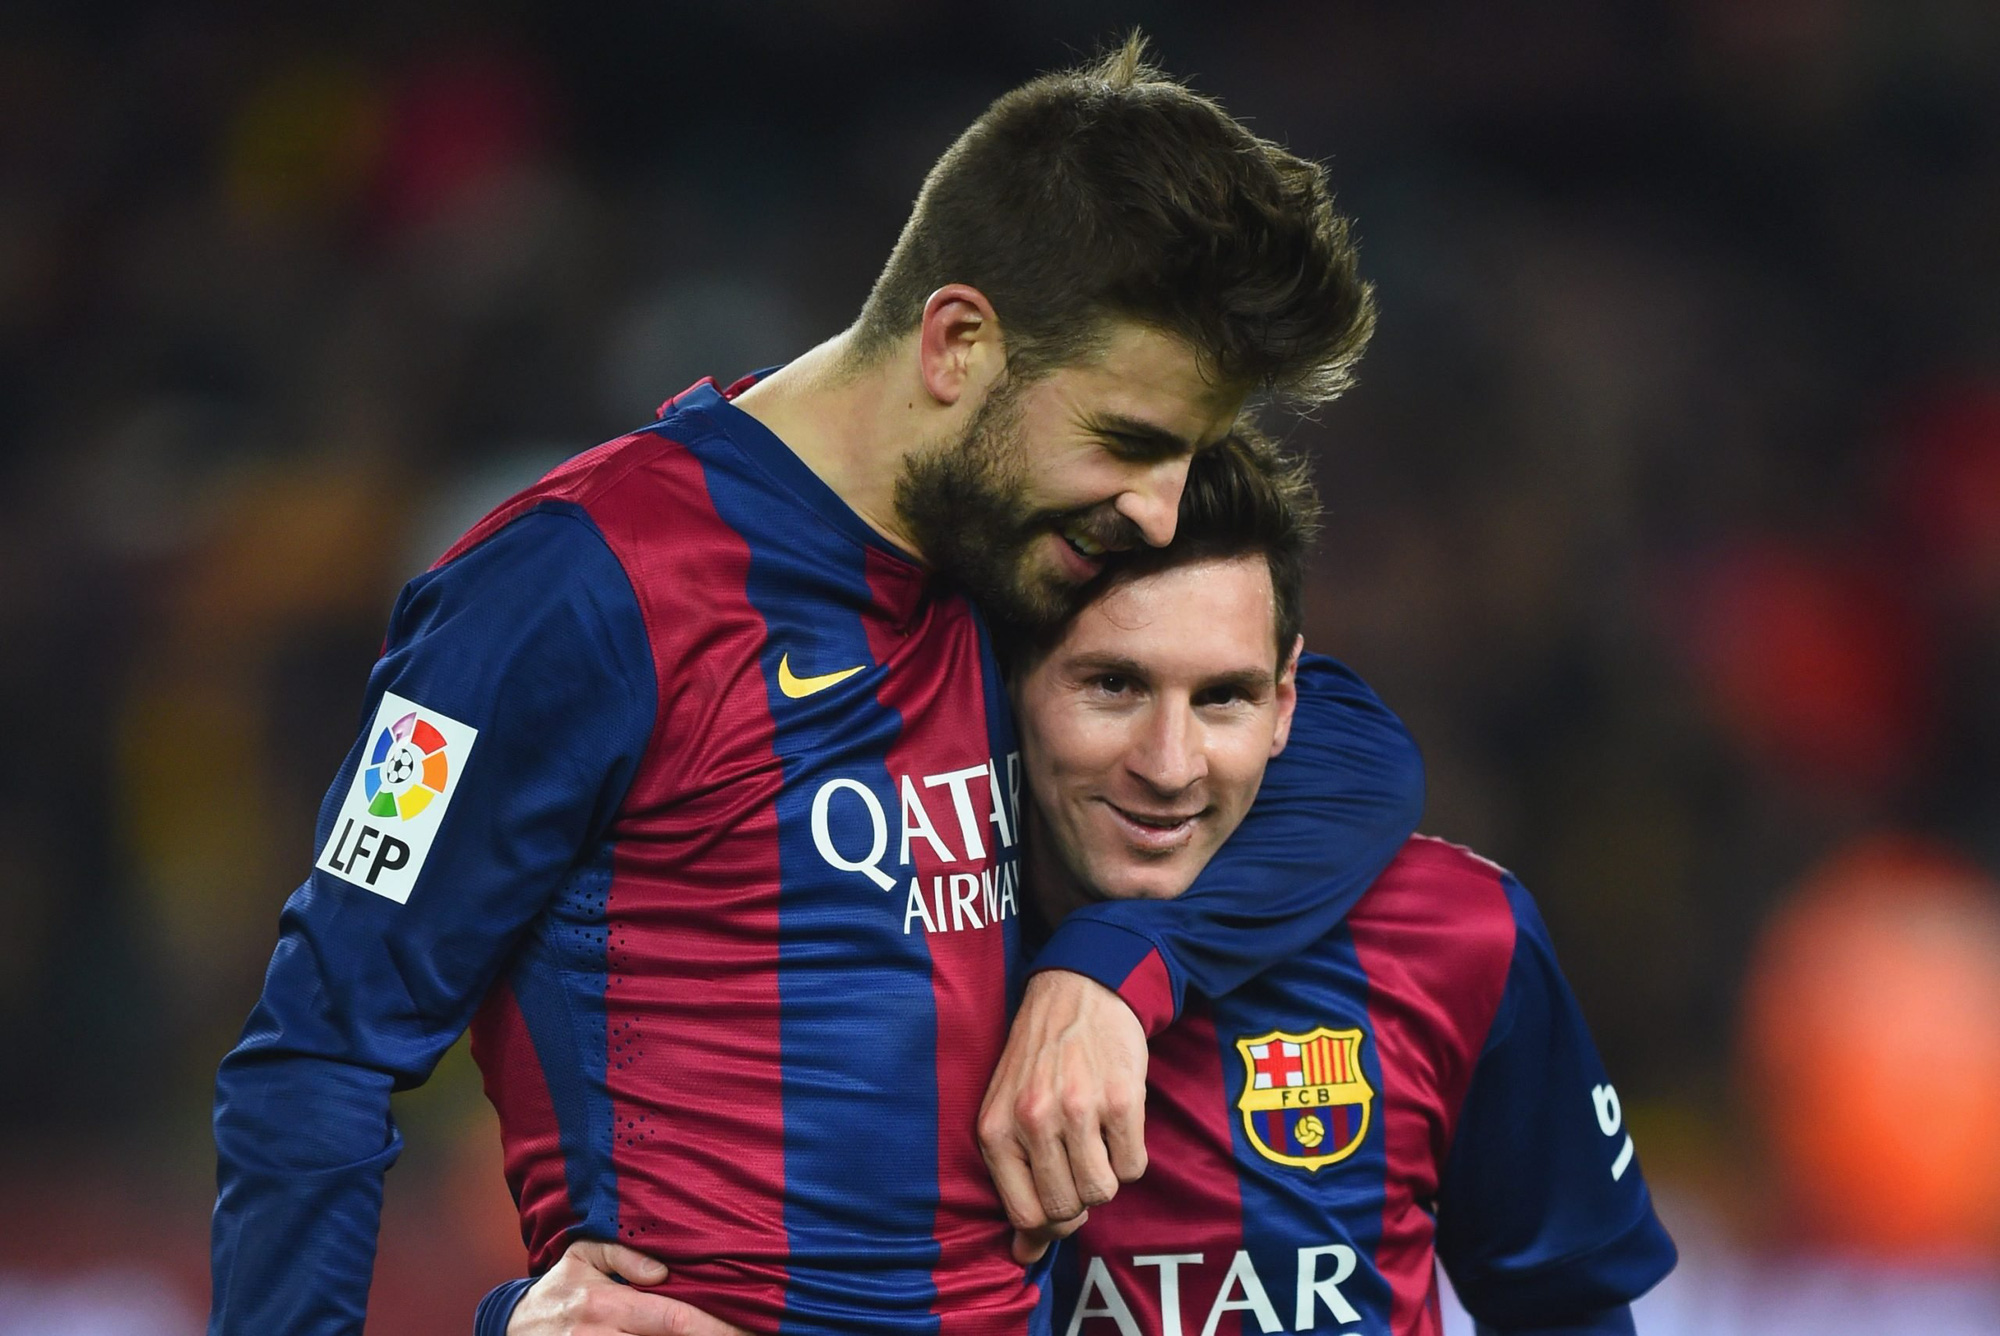 Cựu cố vấn Barca chỉ ra 4 nhân vật khiến Messi ra đi - Ảnh 4.